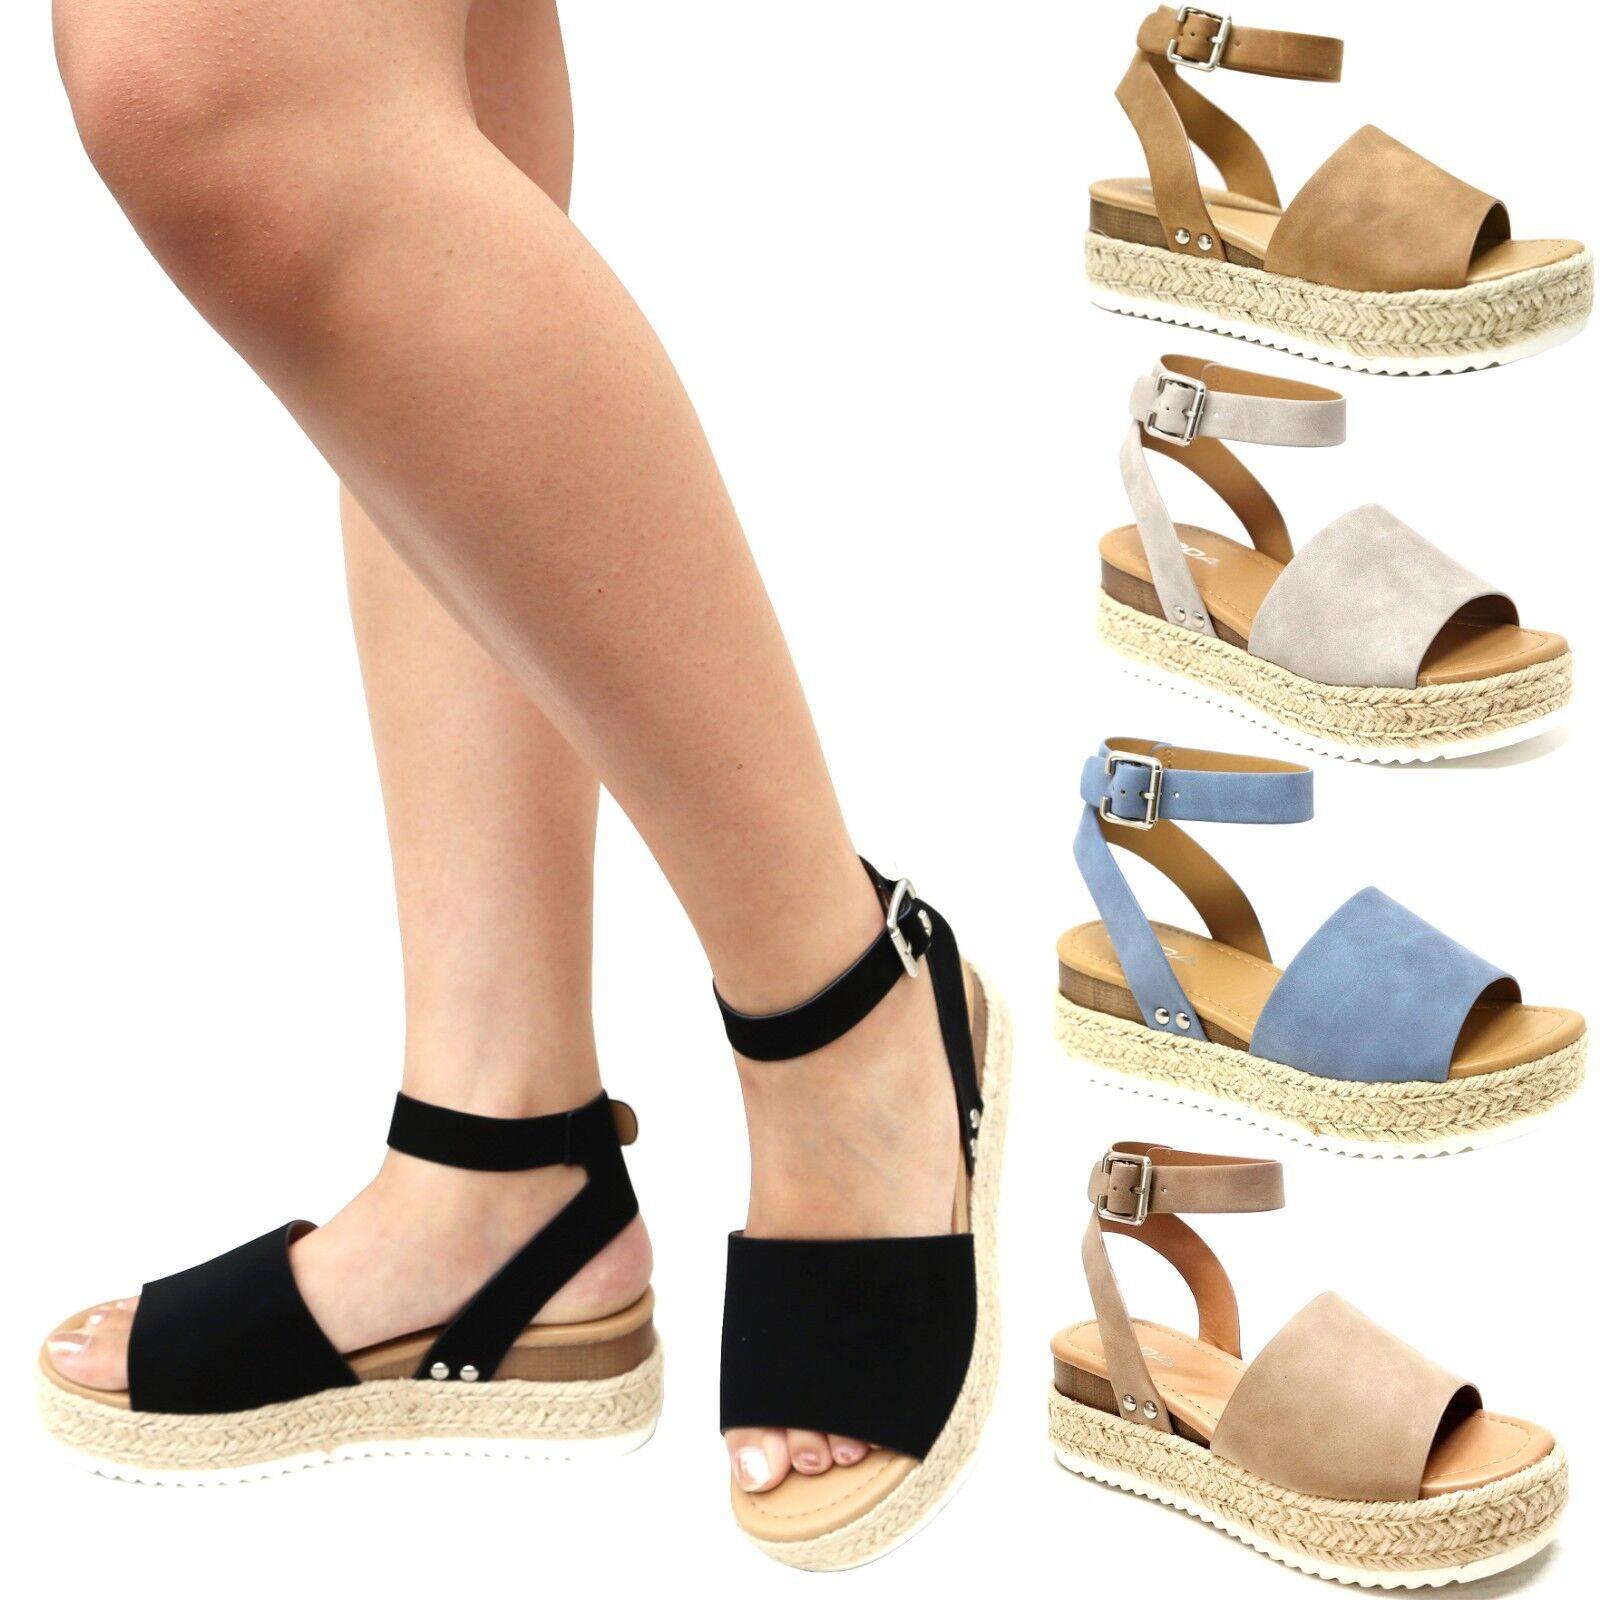 New Women Platform Flatform Espadrille Wedge Sandals Open To